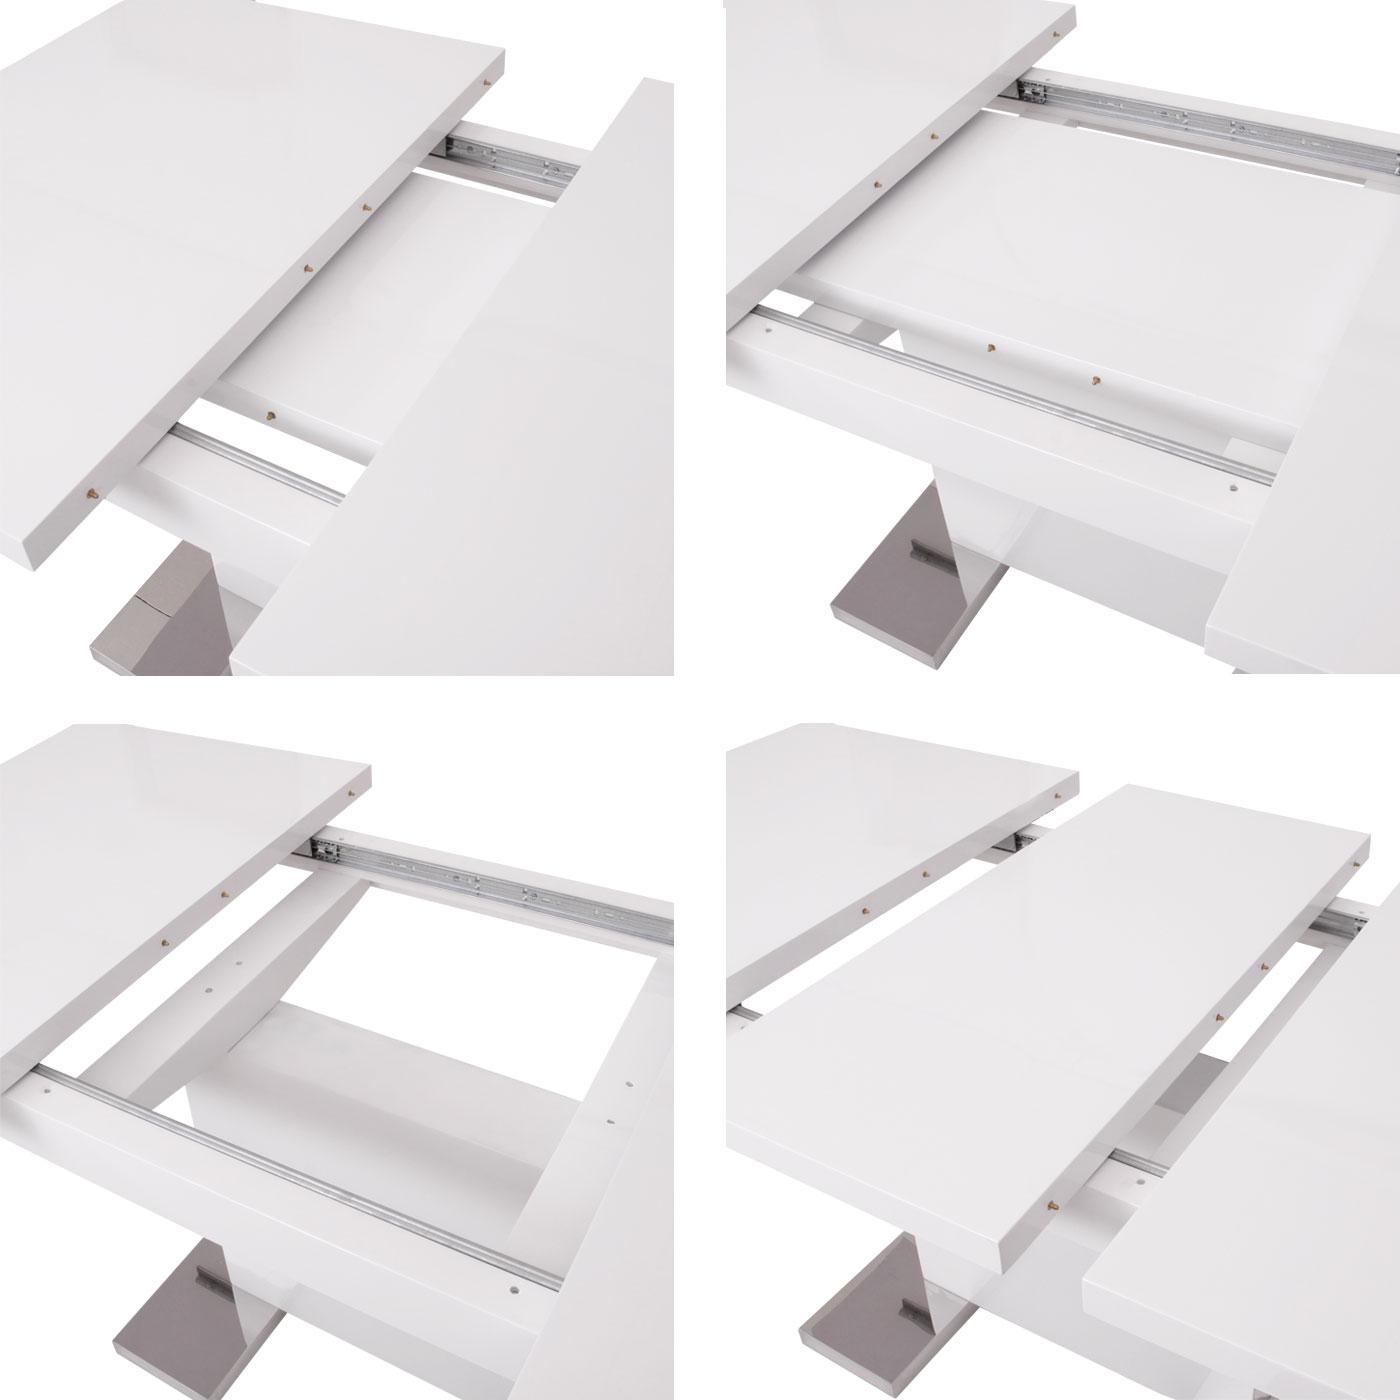 Esstisch mcw b49 esszimmertisch tisch ausziehbar for Esszimmertisch 120 ausziehbar